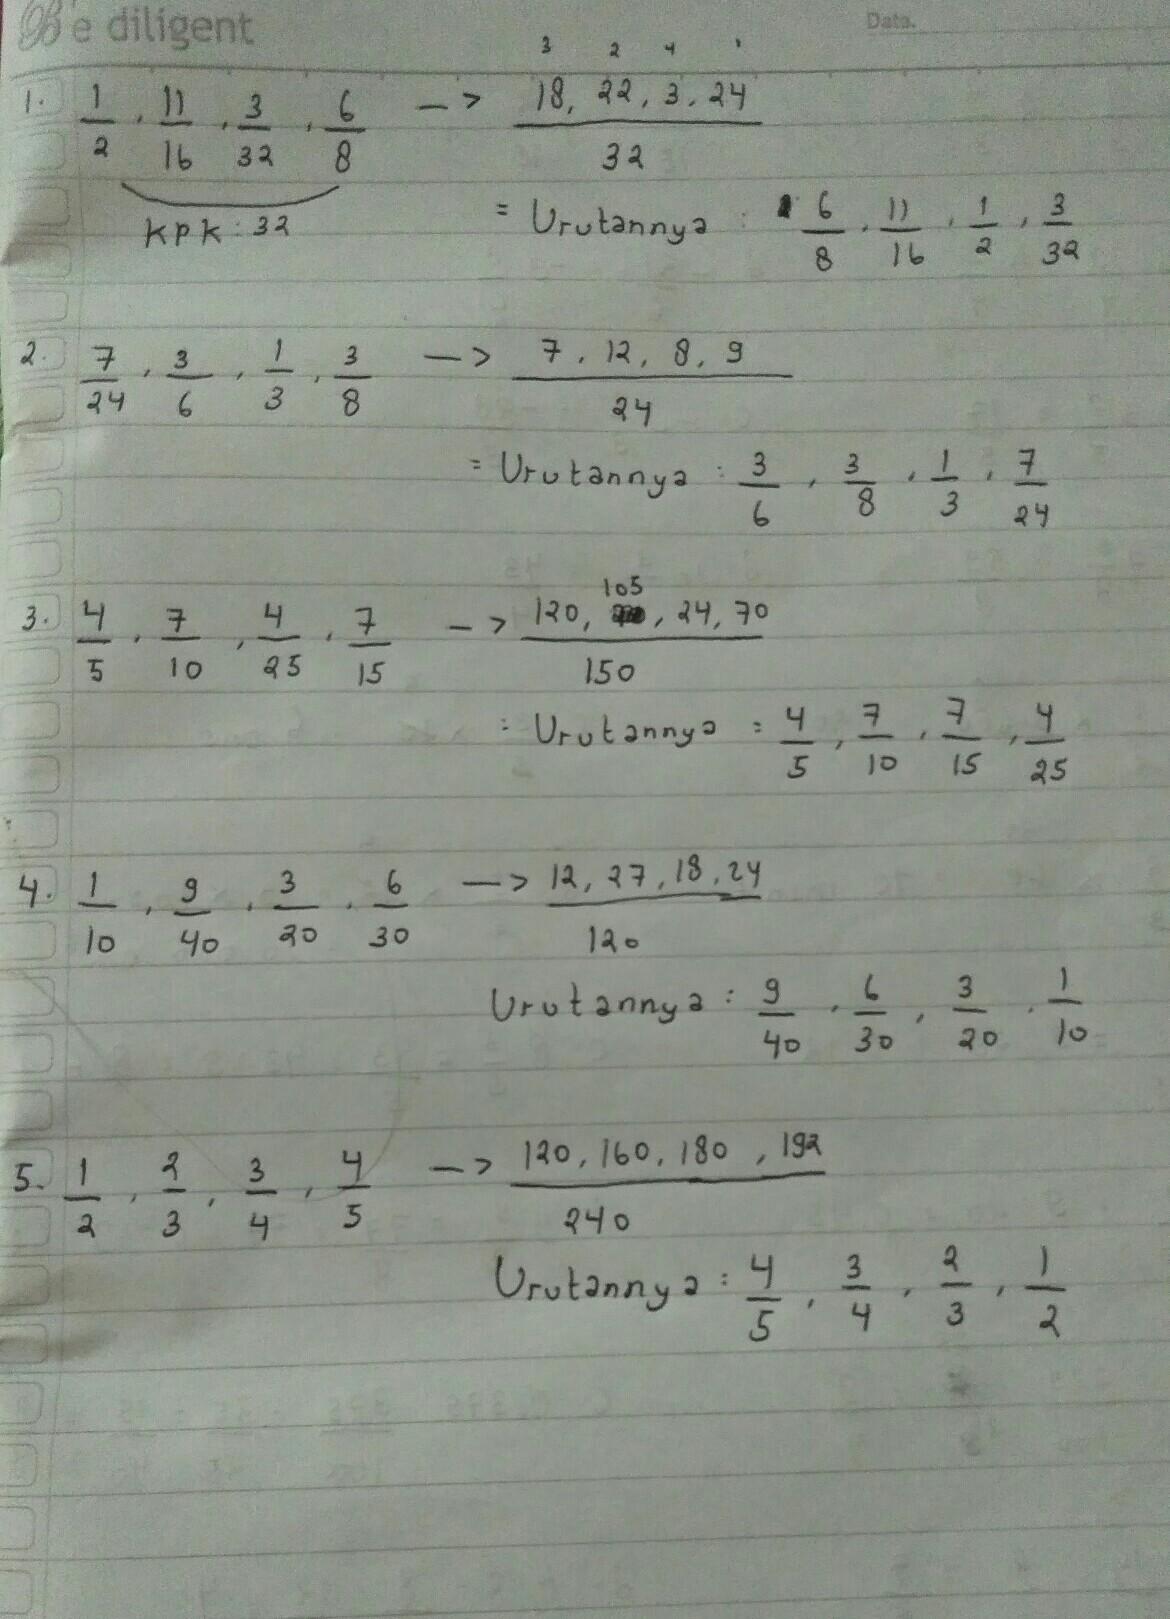 Urutan Bilangan Pecahan : urutan, bilangan, pecahan, Urutan, Bilangan.pecahan, Berikut, Terbesar, 1.1/2,11/16,3/32,6/8, Brainly.co.id